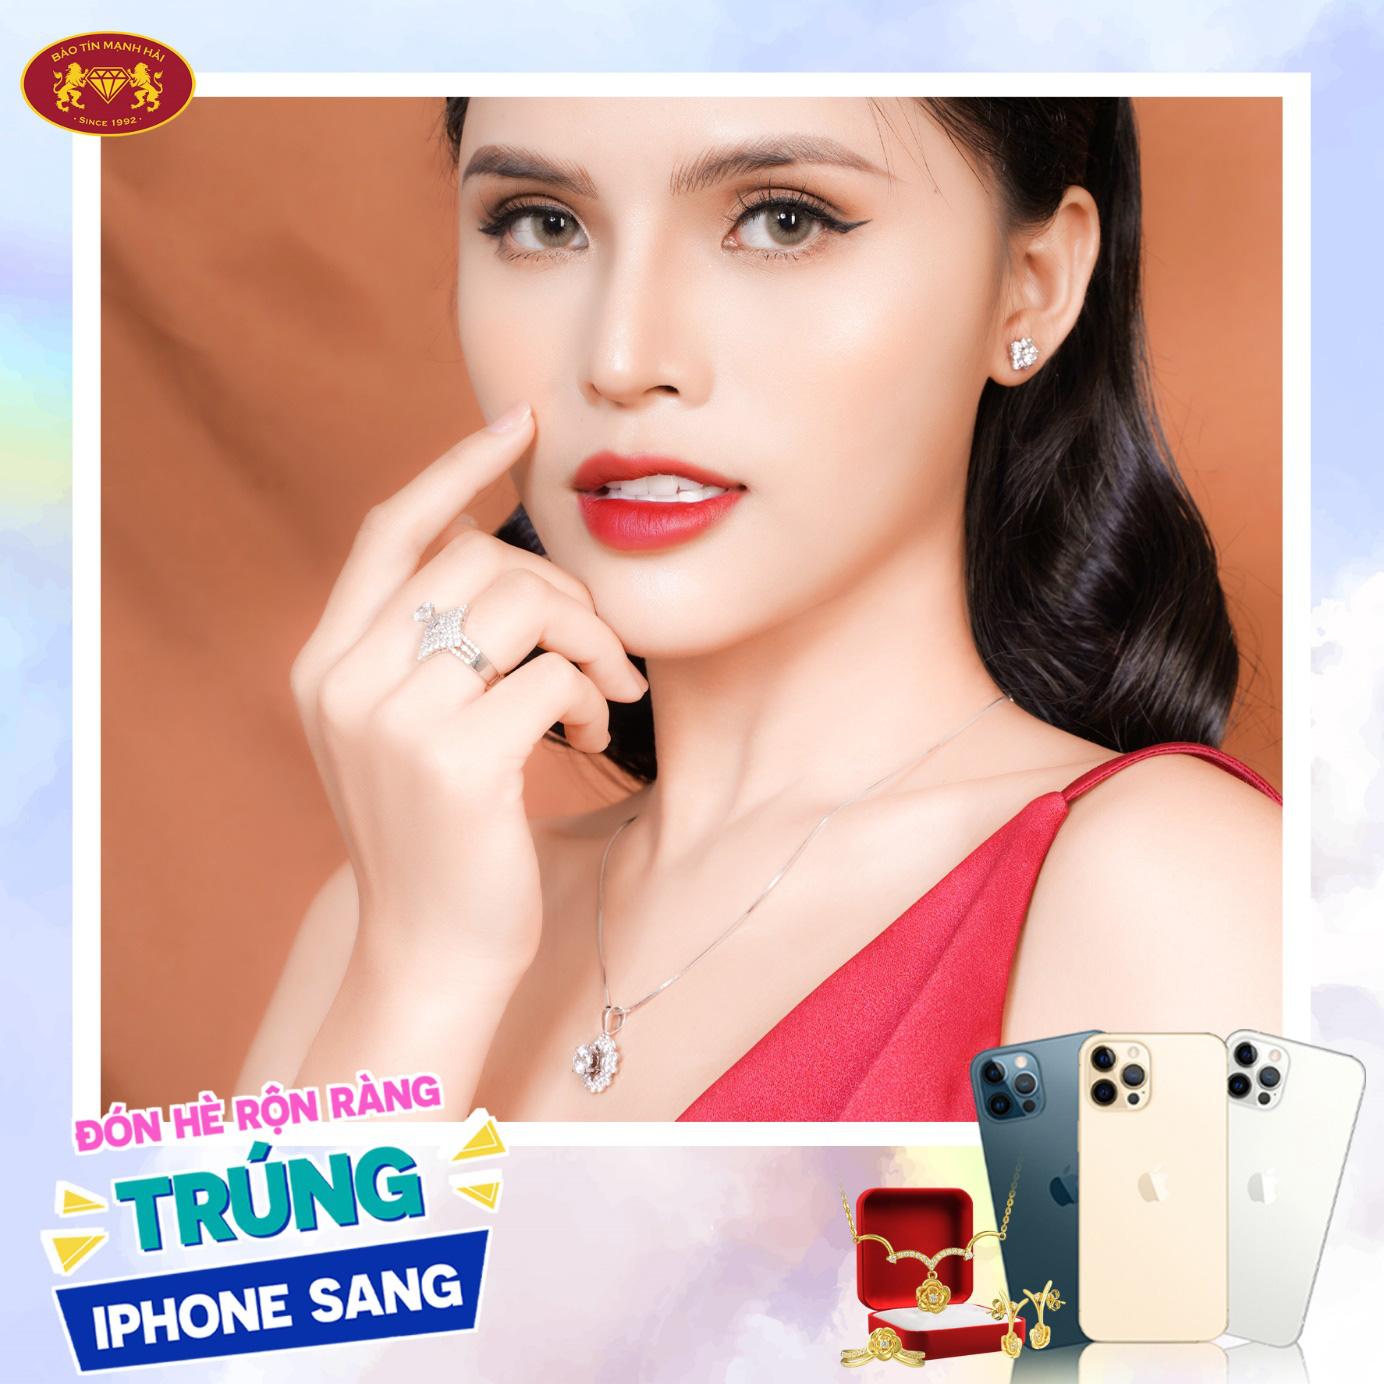 Cùng Bảo Tín Mạnh Hải đón hè rộn ràng - trúng iPhone sang - Ảnh 2.